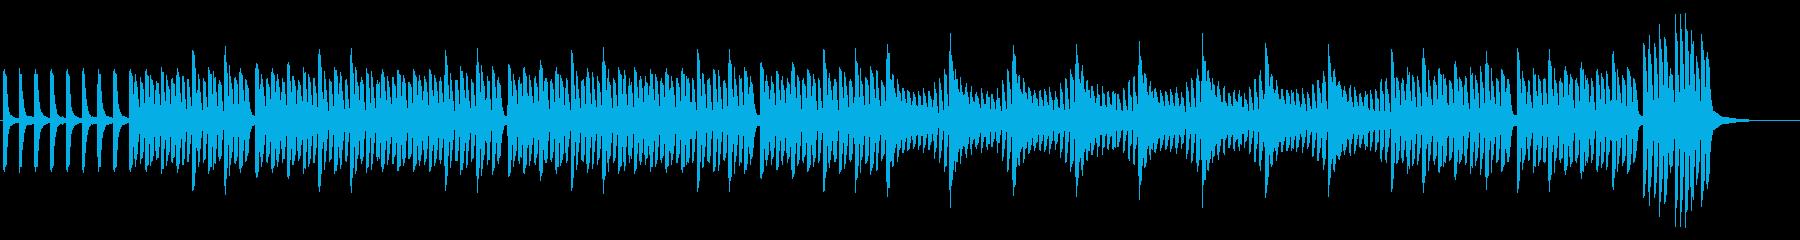 【ピアノのみ】力強くアカデミックな雰囲気の再生済みの波形